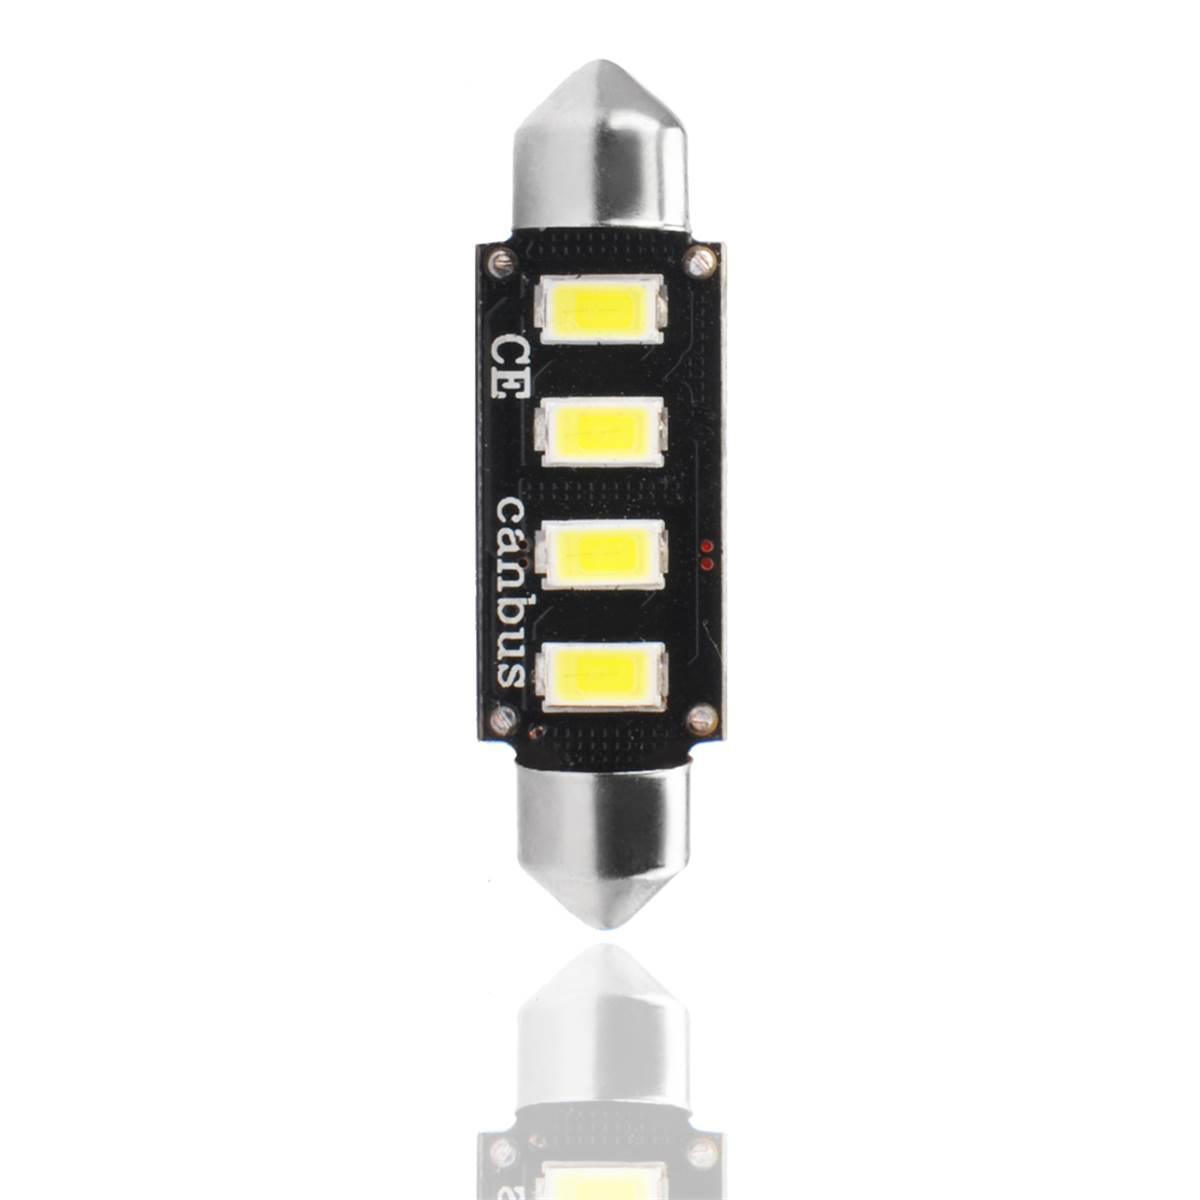 2 ampoules navette à LED CANBUS blanc 42 mm